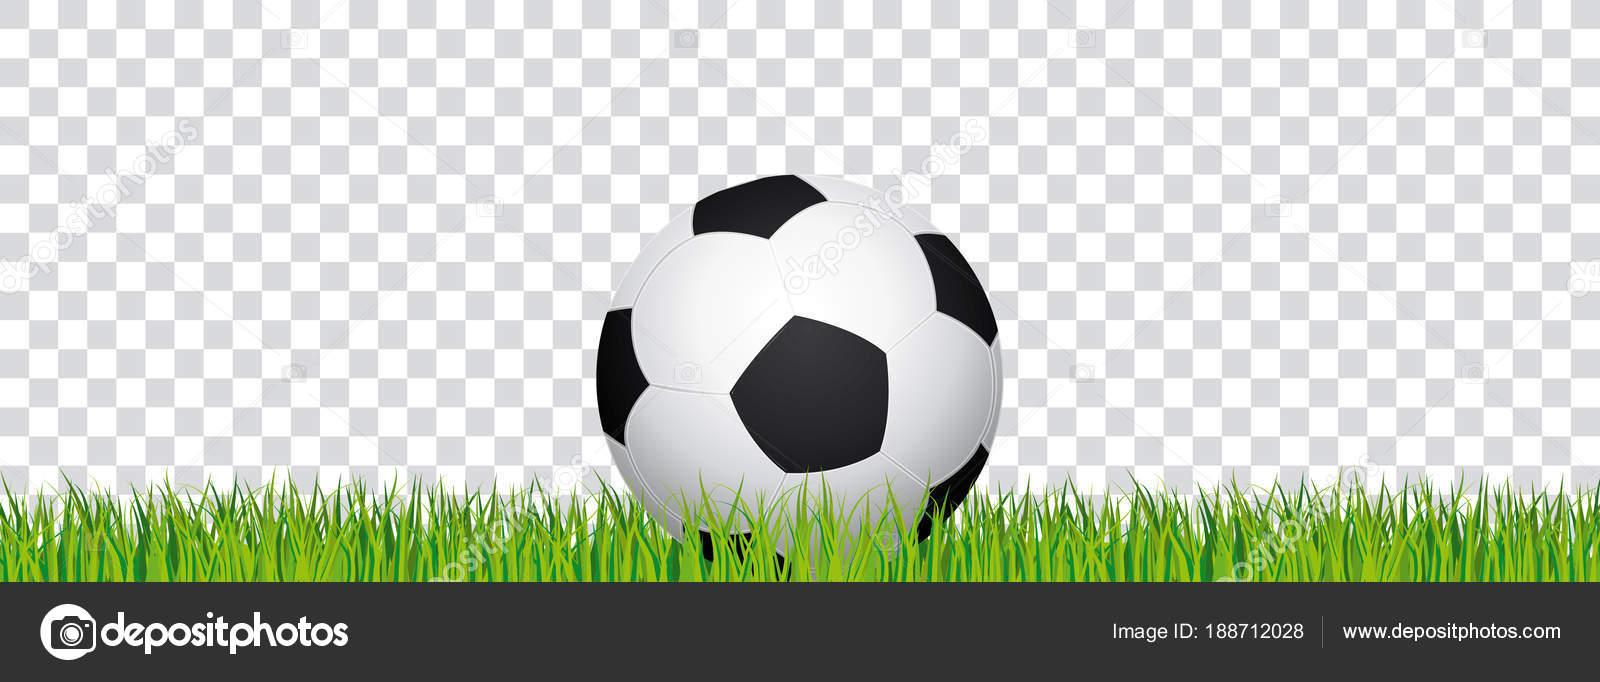 Equipo De Deporte Doodle Fondo Transparente: Soccer Banner Football Stadium Grass Transparent